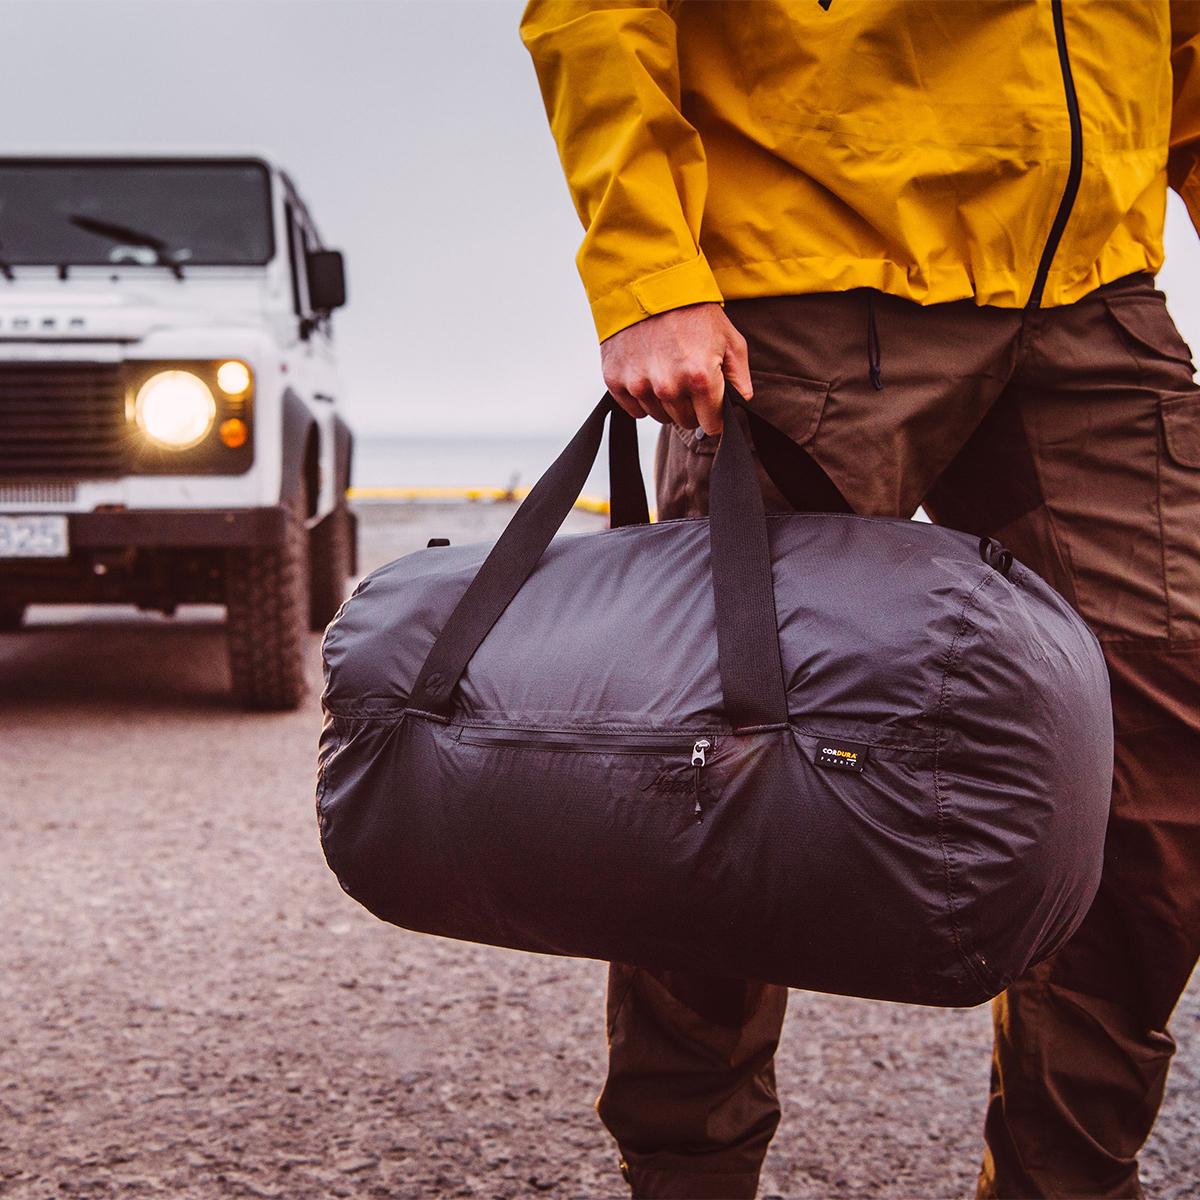 快適・利便性をかなえるデザイン。旅先や出張でスマートに荷物をまとめて、日常生活でも使える。手のひらサイズにたためる防水仕様のボストンバッグ|Matador transit30 2.0